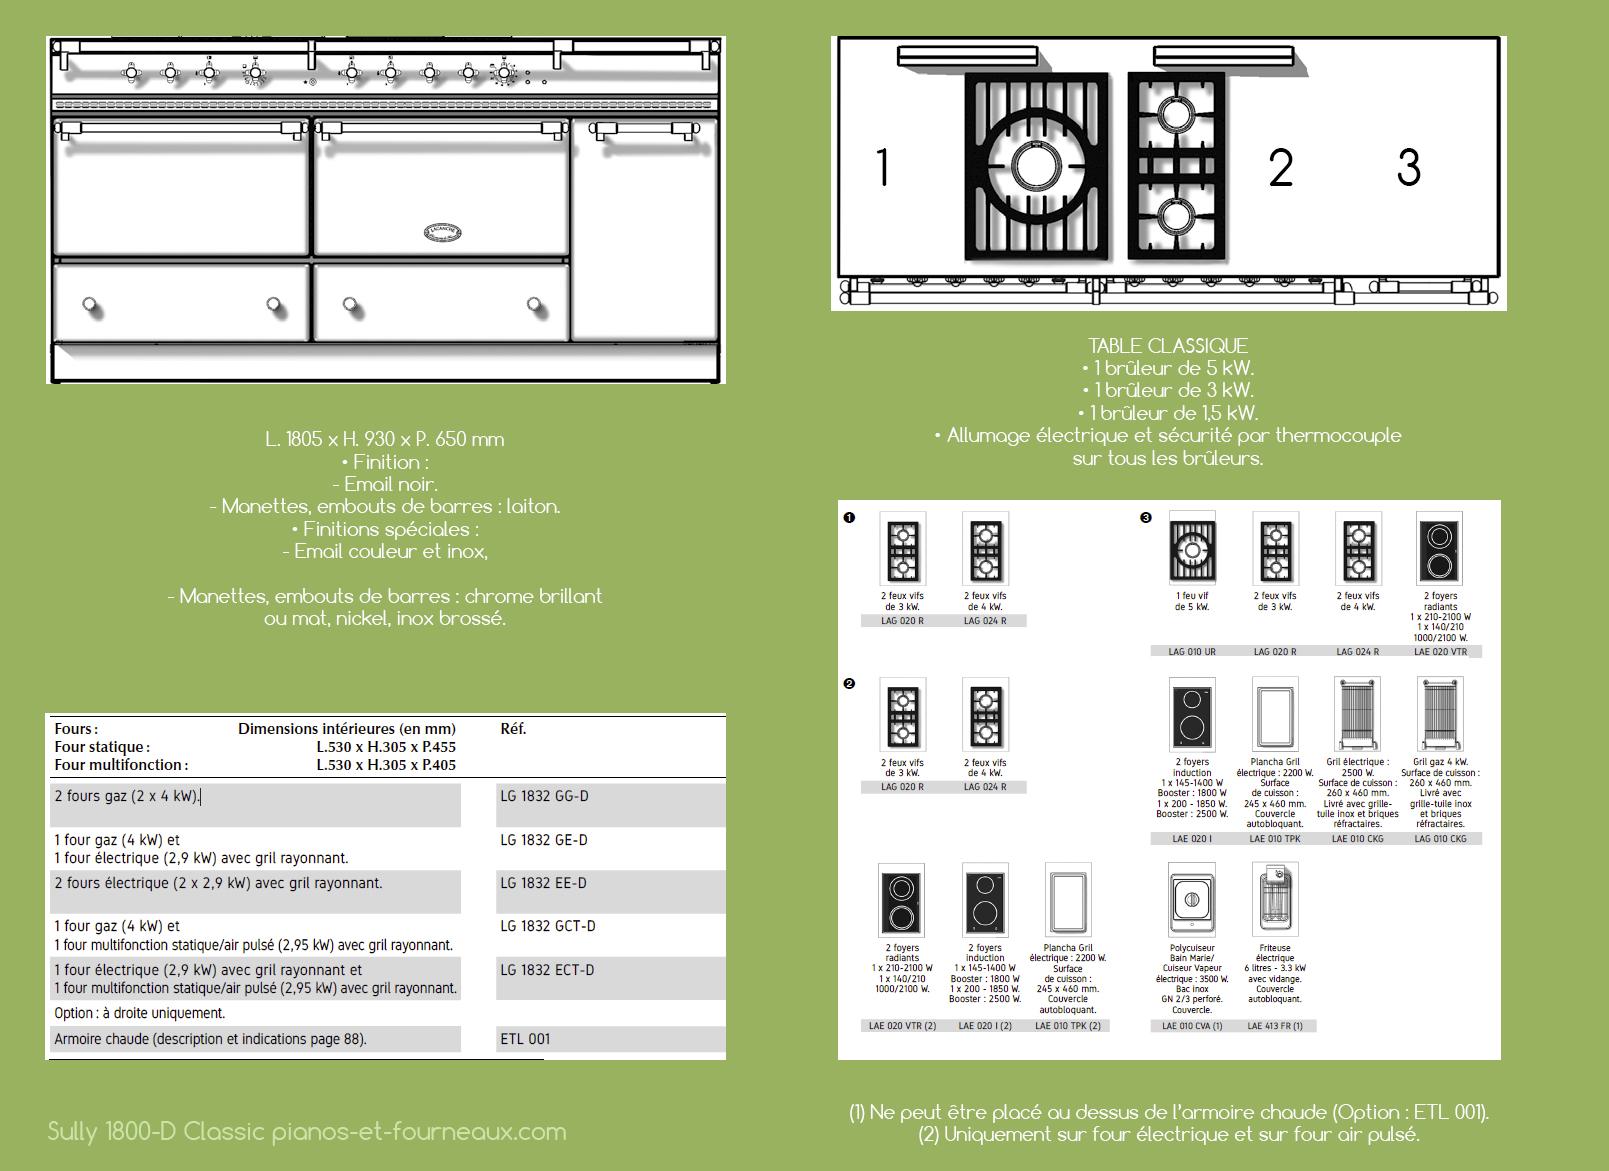 Sully 1800 D Classique configurations possibles - pianos-et-fourneaux.com le spécialiste des pianos de cuisine et fourneaux de cuisson Lacanche